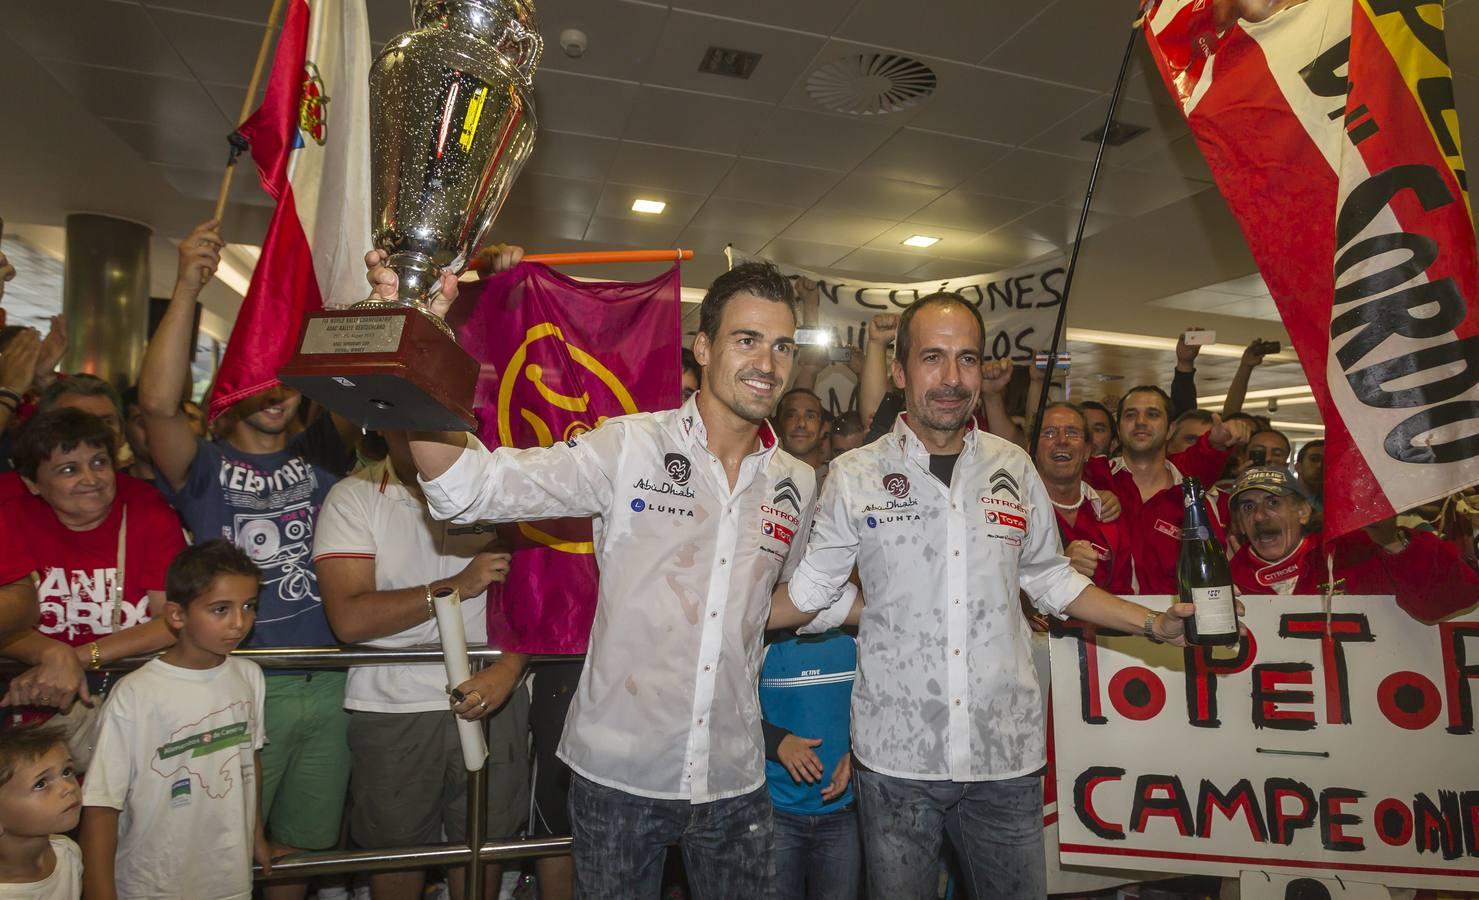 Dani Sordo y Carlos del Barrio,ganadores del Rallye ADAC Alemania 2013 Dani%20sordo%20%288%29